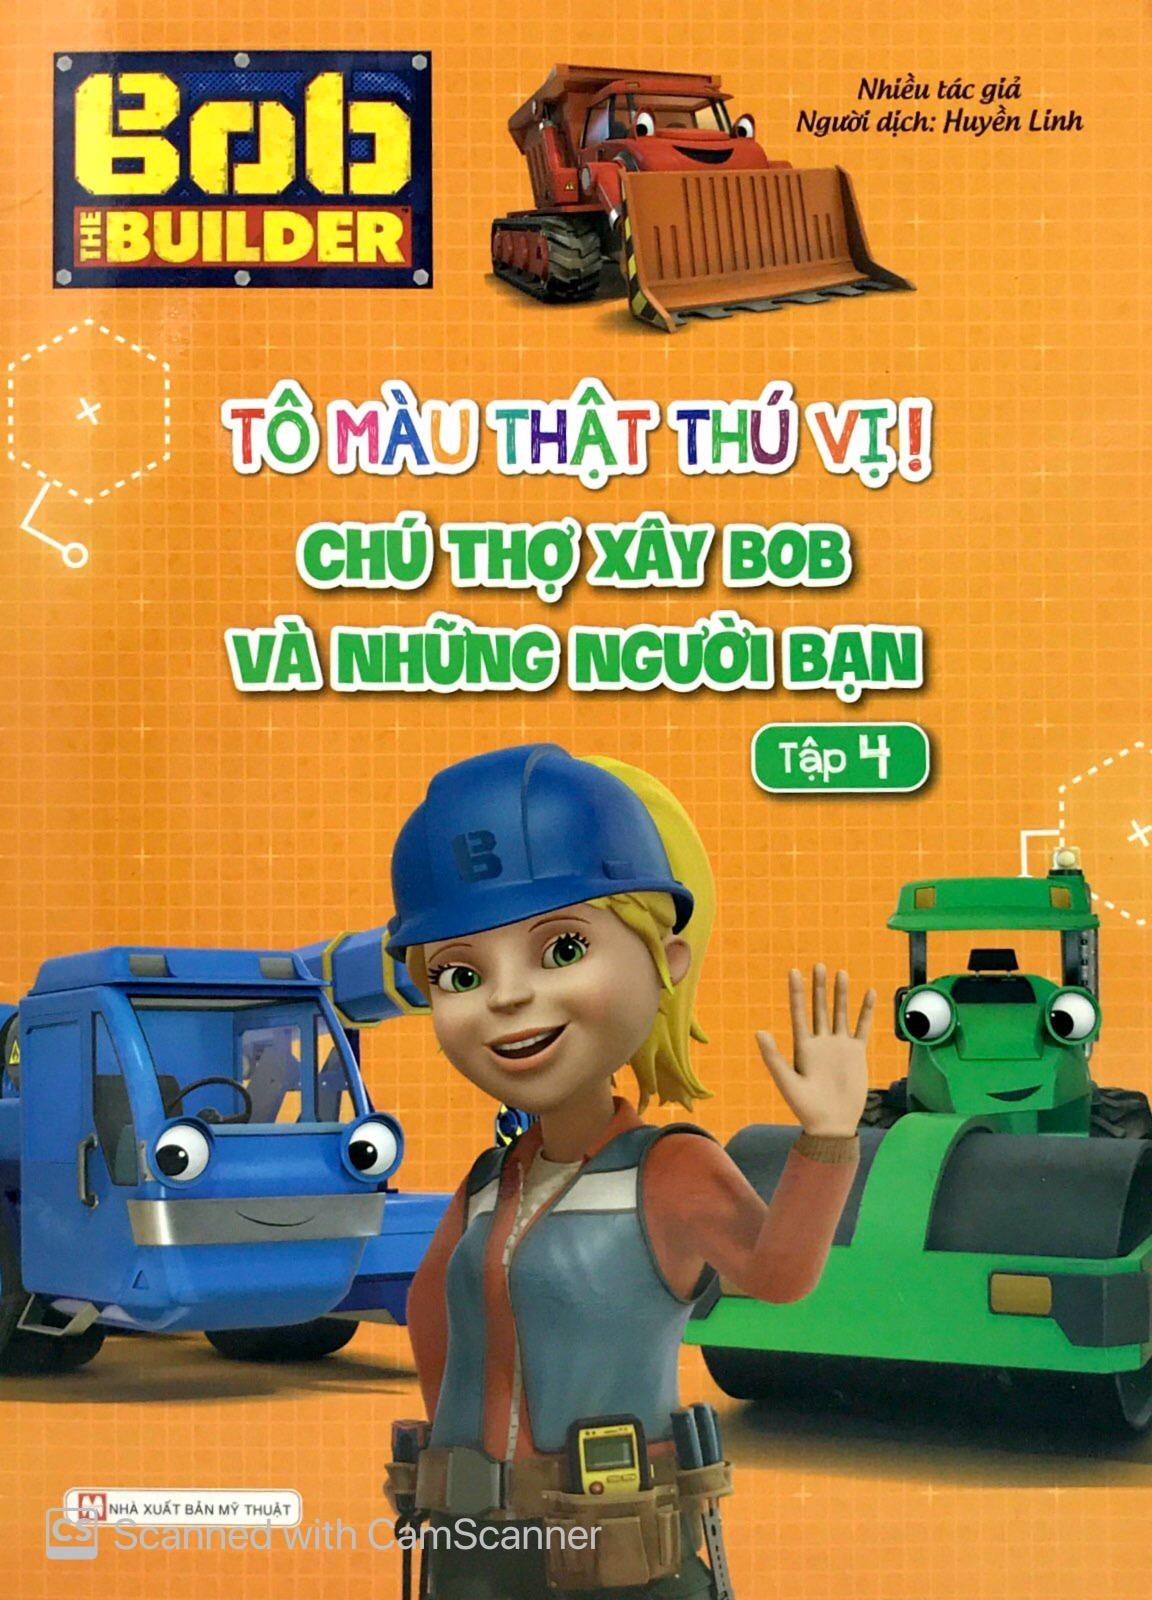 Bob The Builder-Tô Màu Thật Thú Vị-Chú Thợ Xây Bob Và Những Người Bạn 4